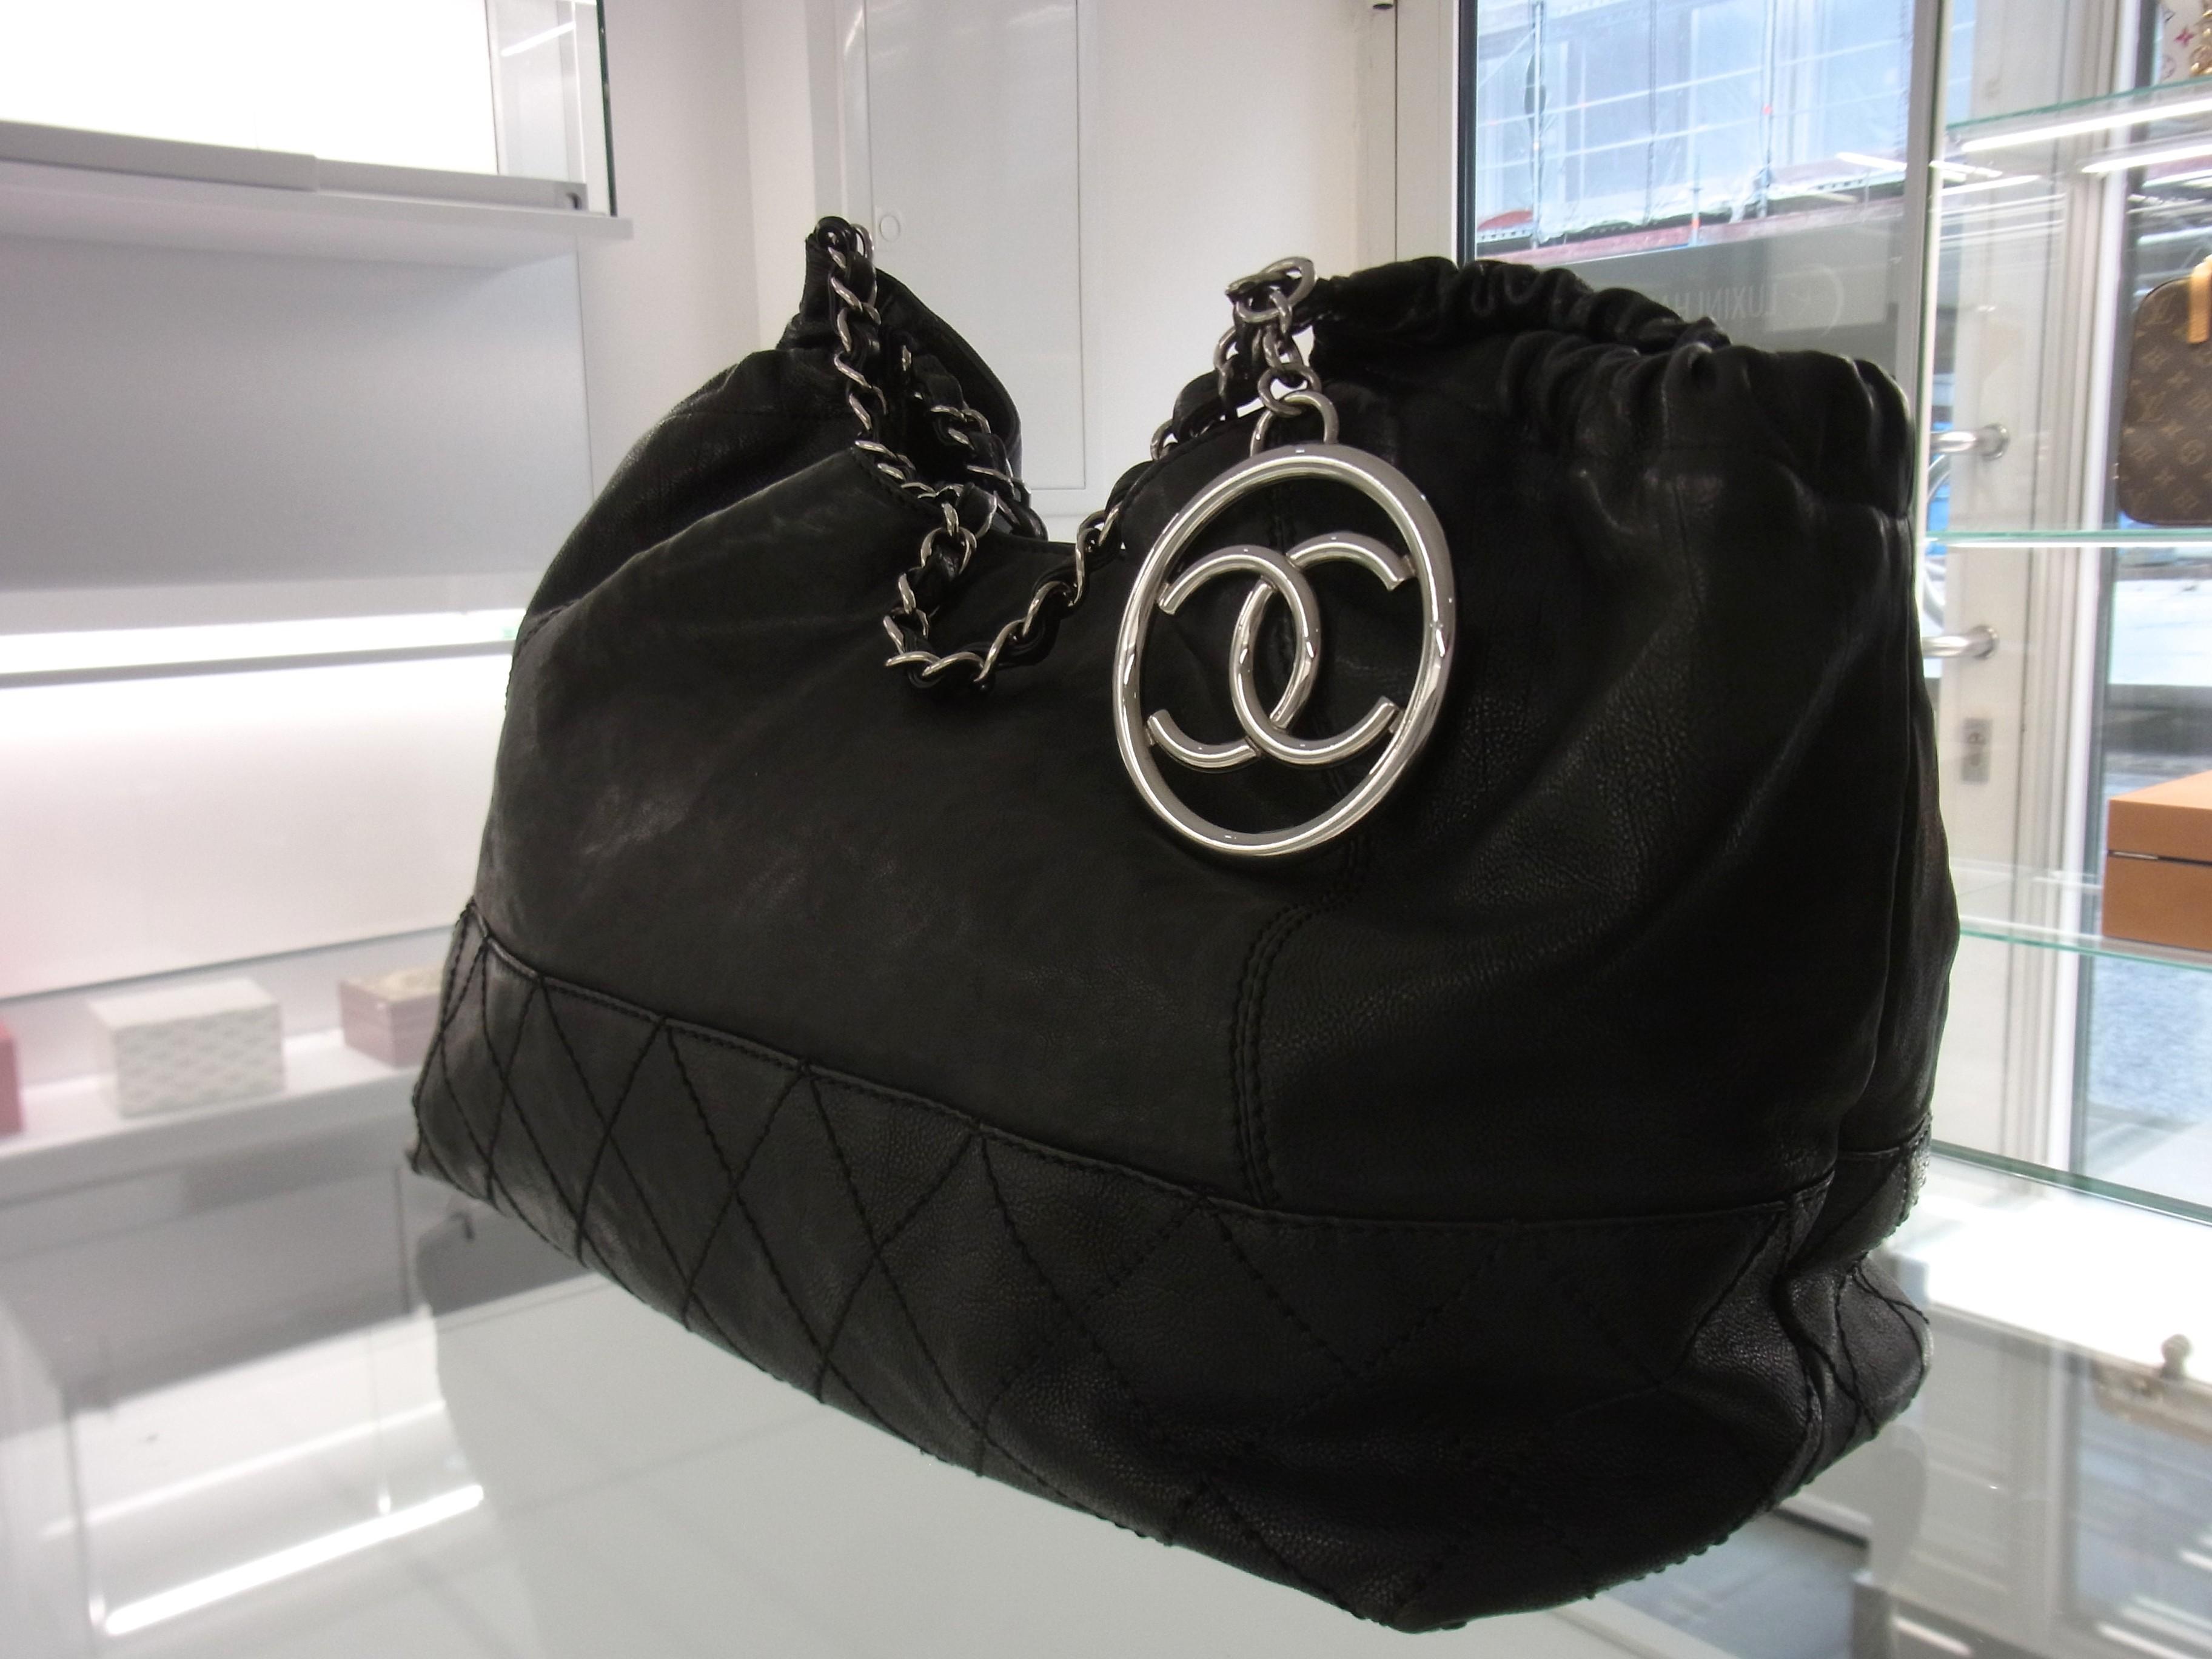 original chanel coco cabas tasche leder schwarz hobo bag. Black Bedroom Furniture Sets. Home Design Ideas